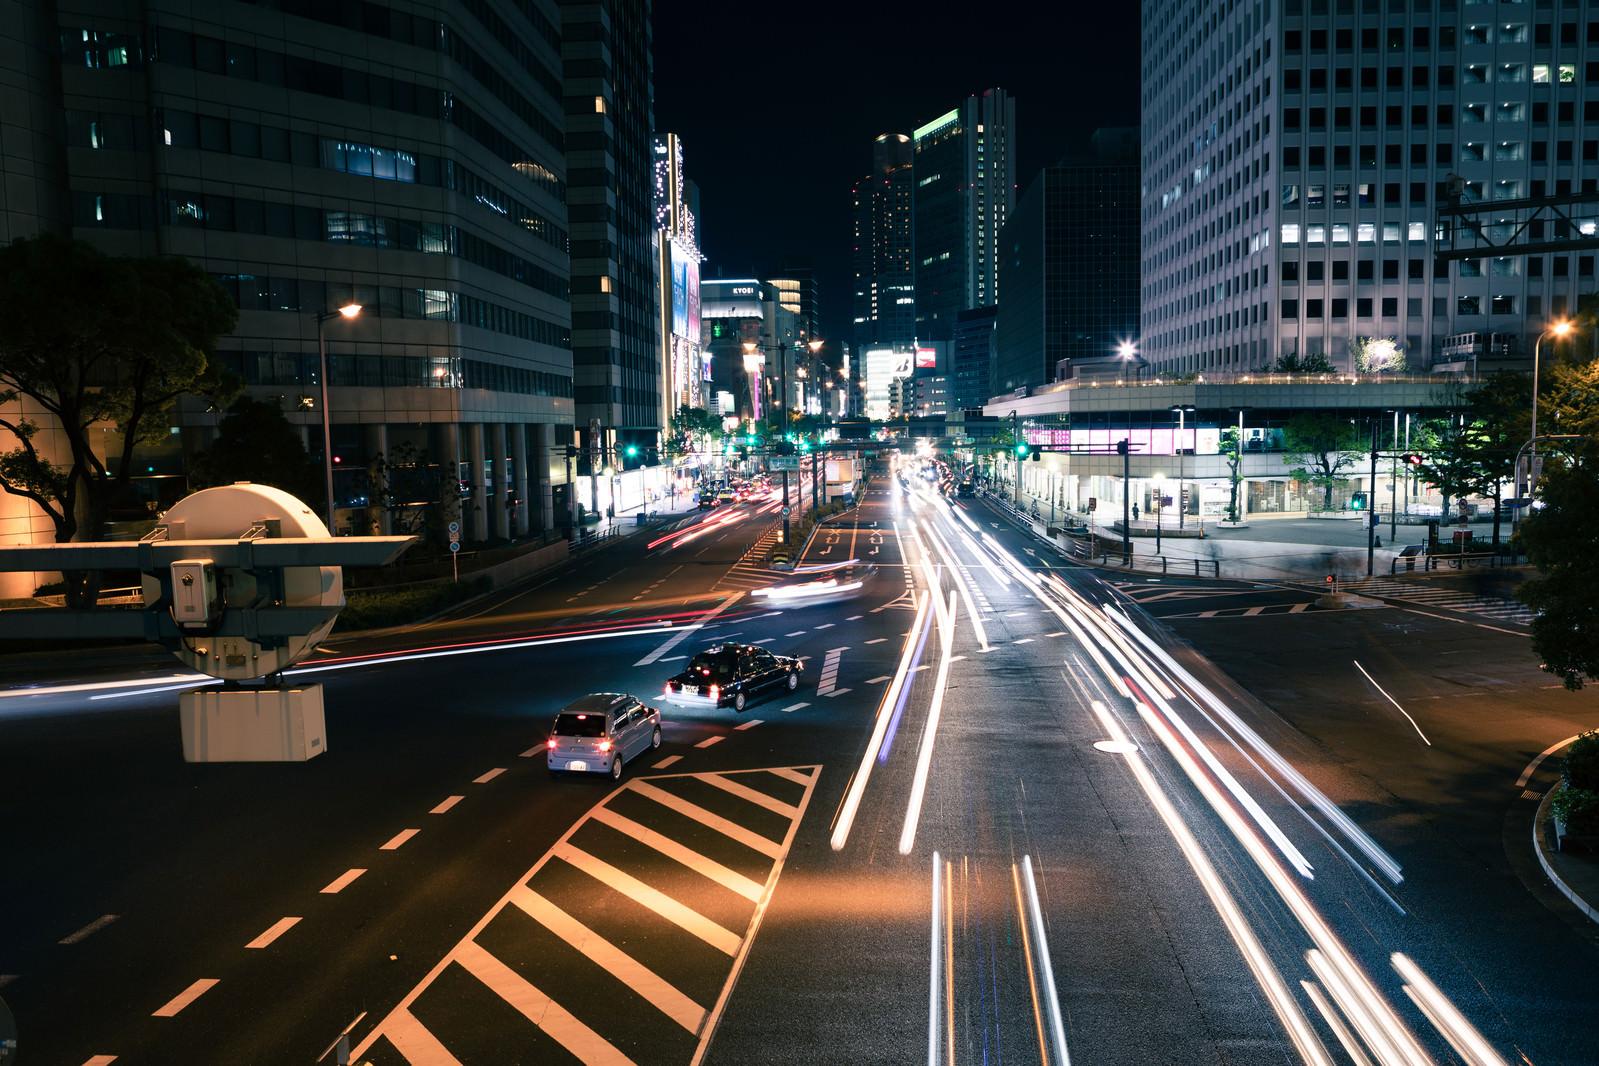 「夜の交差点を行き交う車」の写真